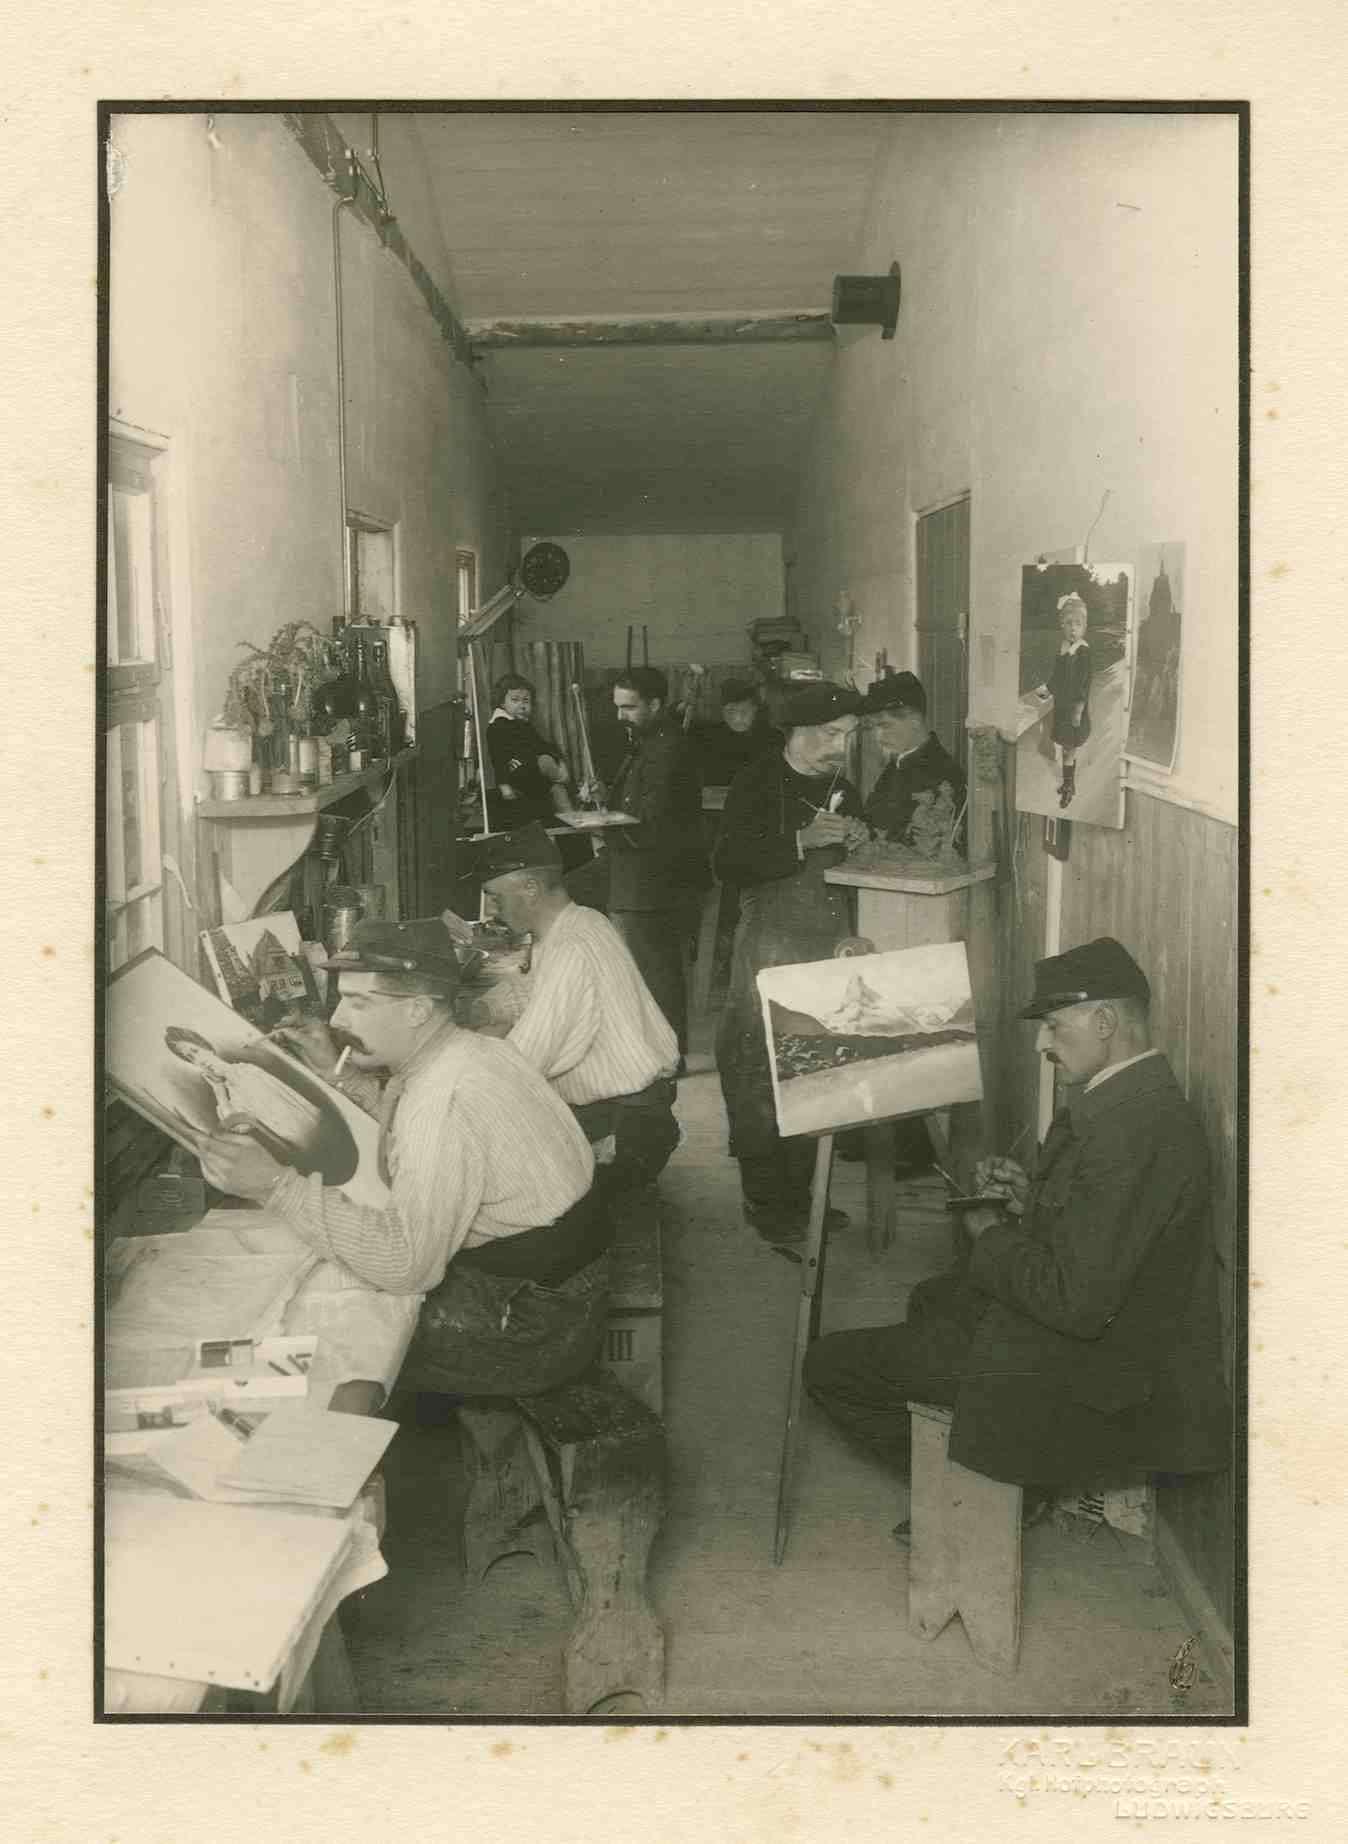 7 Kriegsgefangene im Atelier (Künstlerwerkstatt) Kriegsgefangenenlager Ludwigsburg-Eglosheim, Bild 1